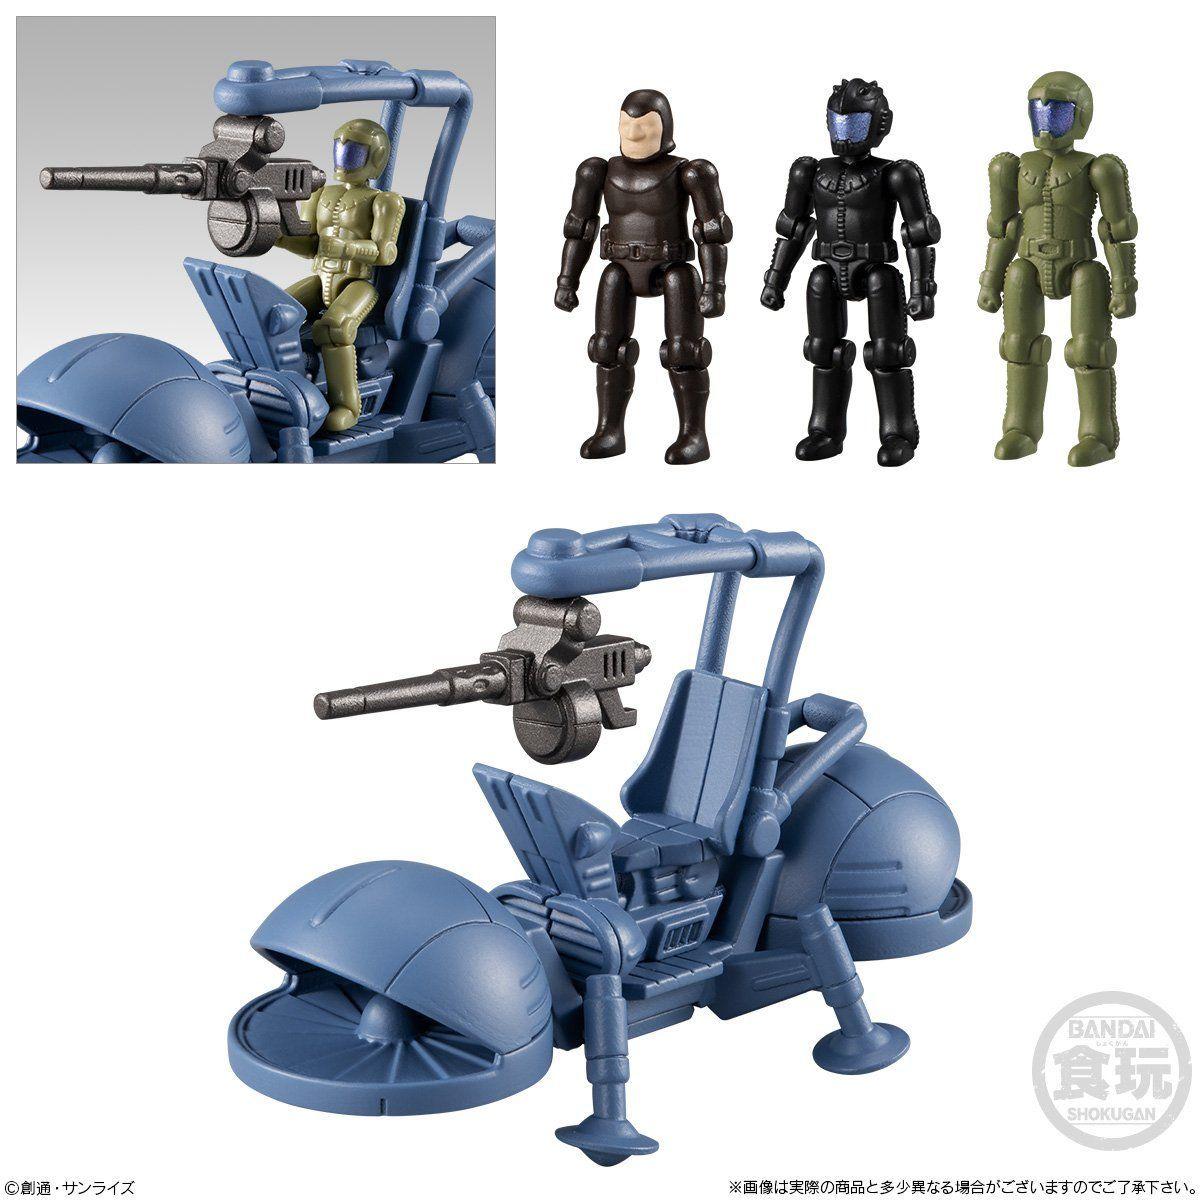 【食玩】機動戦士ガンダム『マイクロウォーズ5』10個入りBOX-007